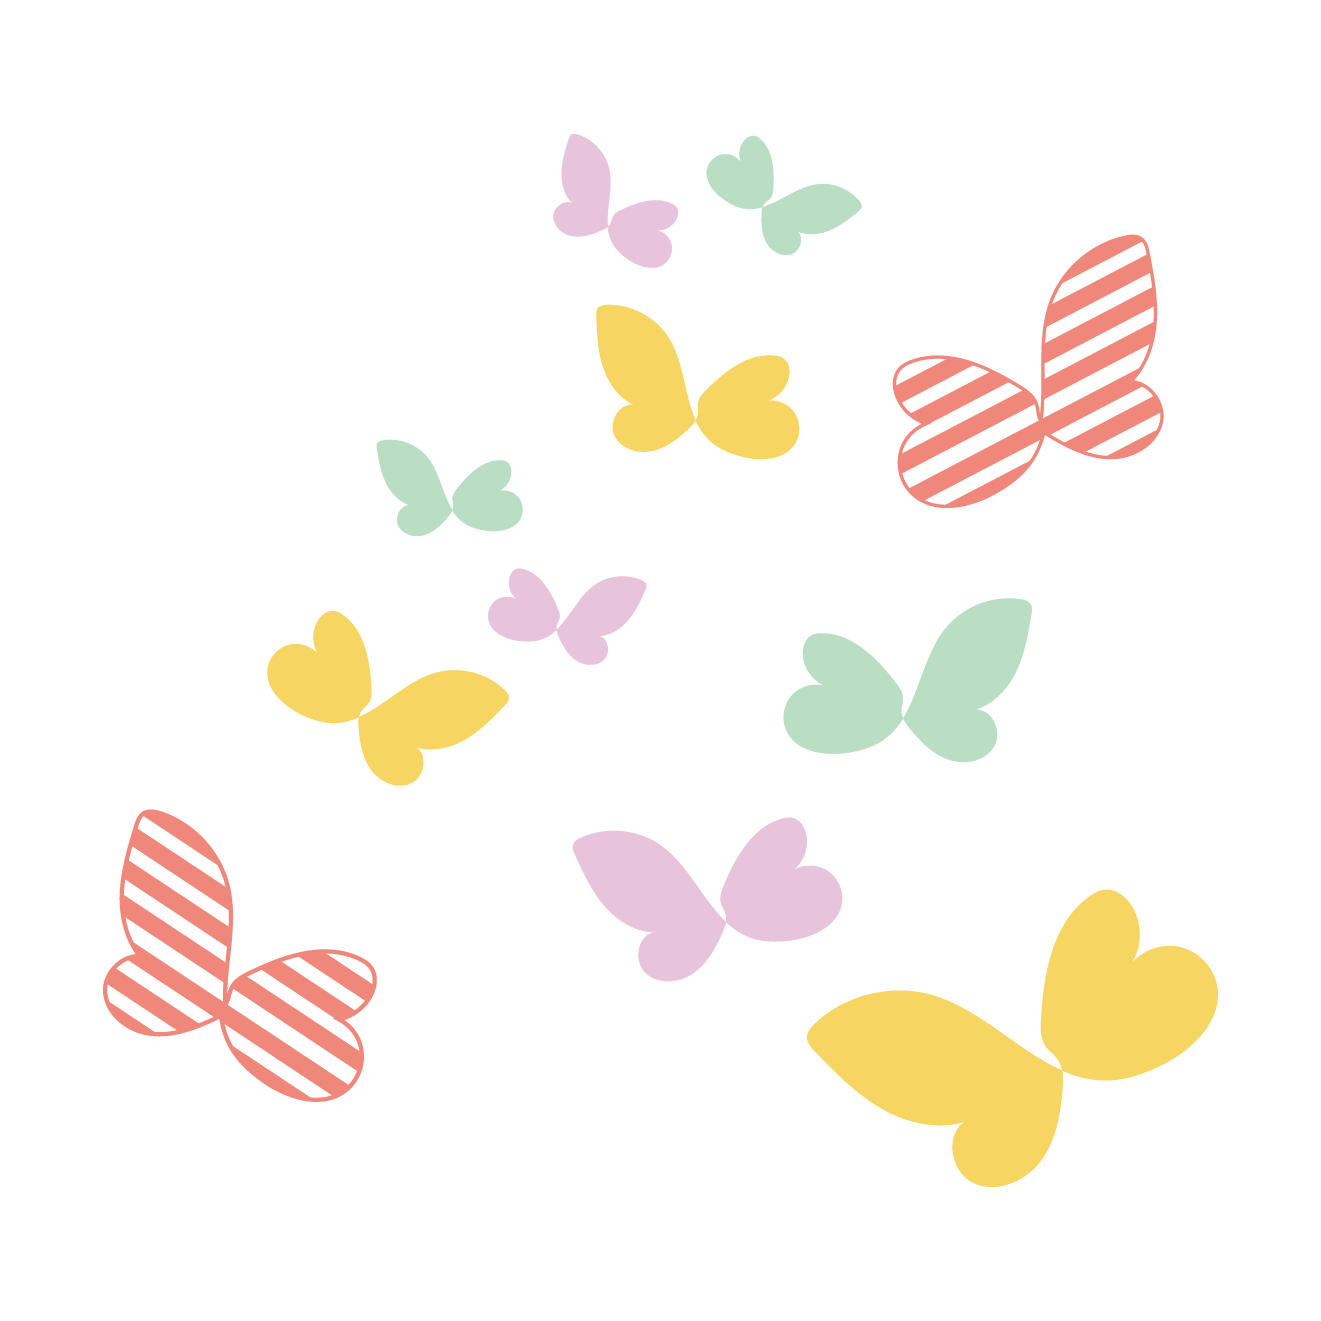 「蝶 フリー素材 イラスト」の画像検索結果